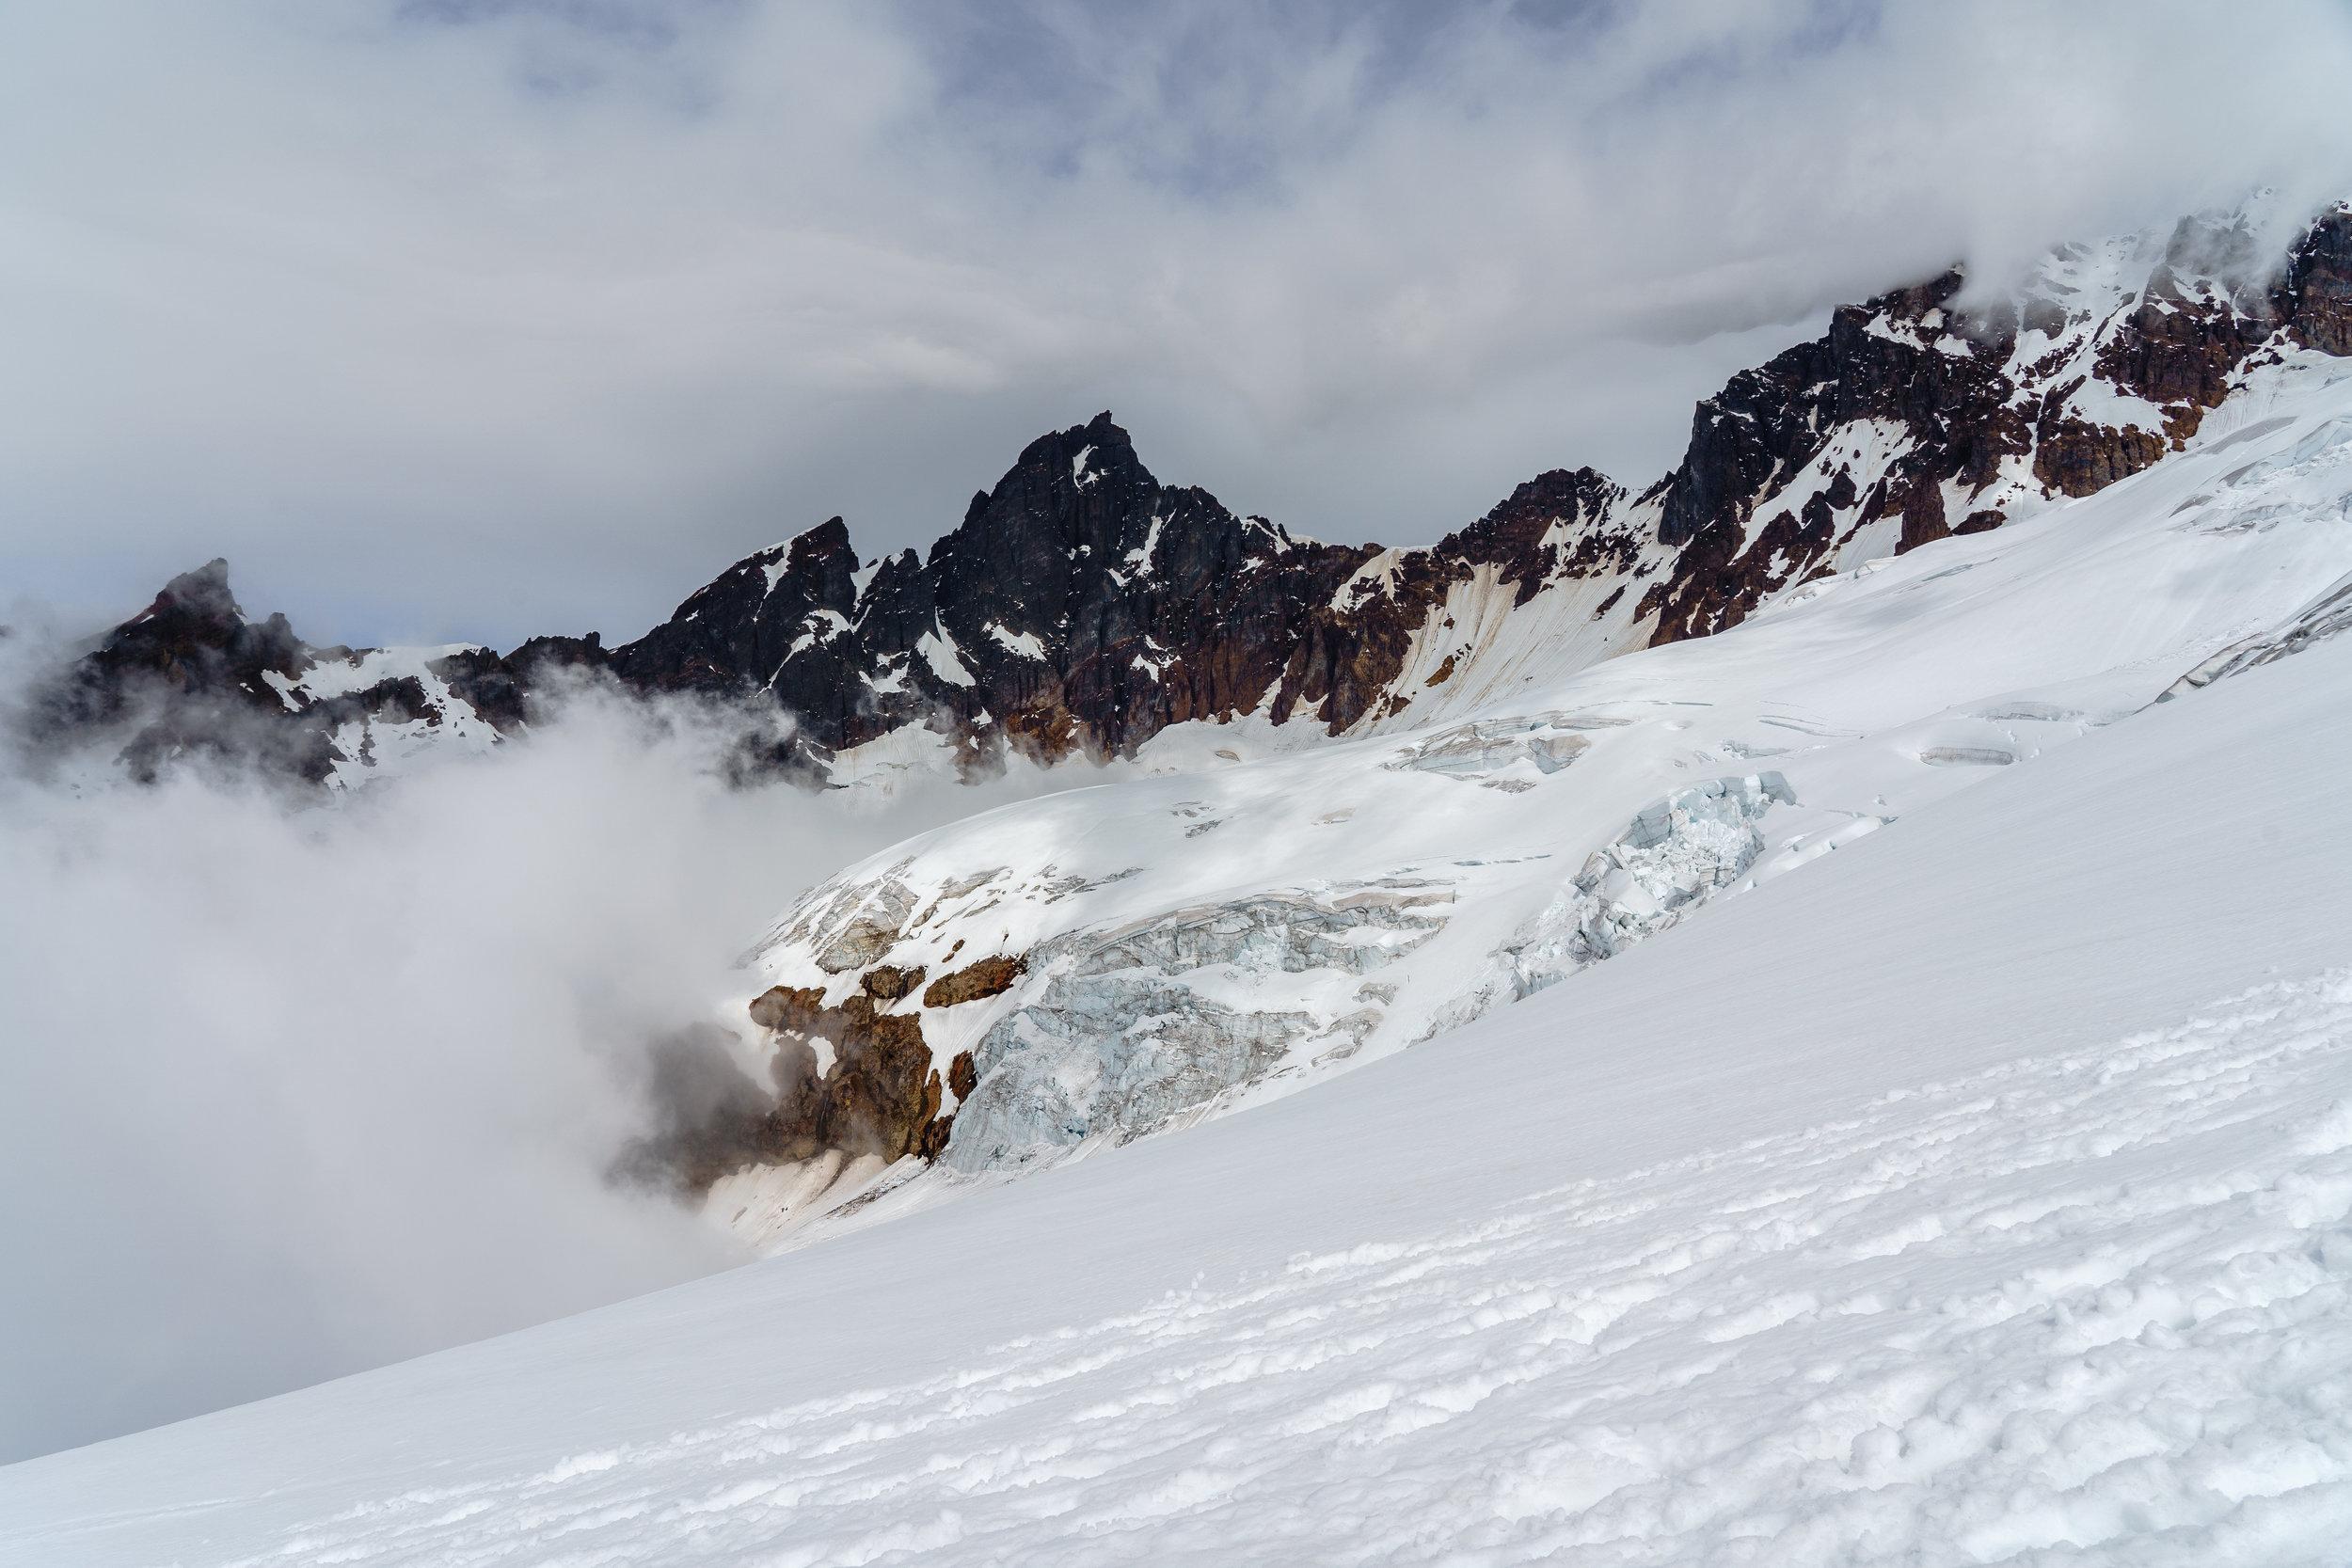 Colfax peak